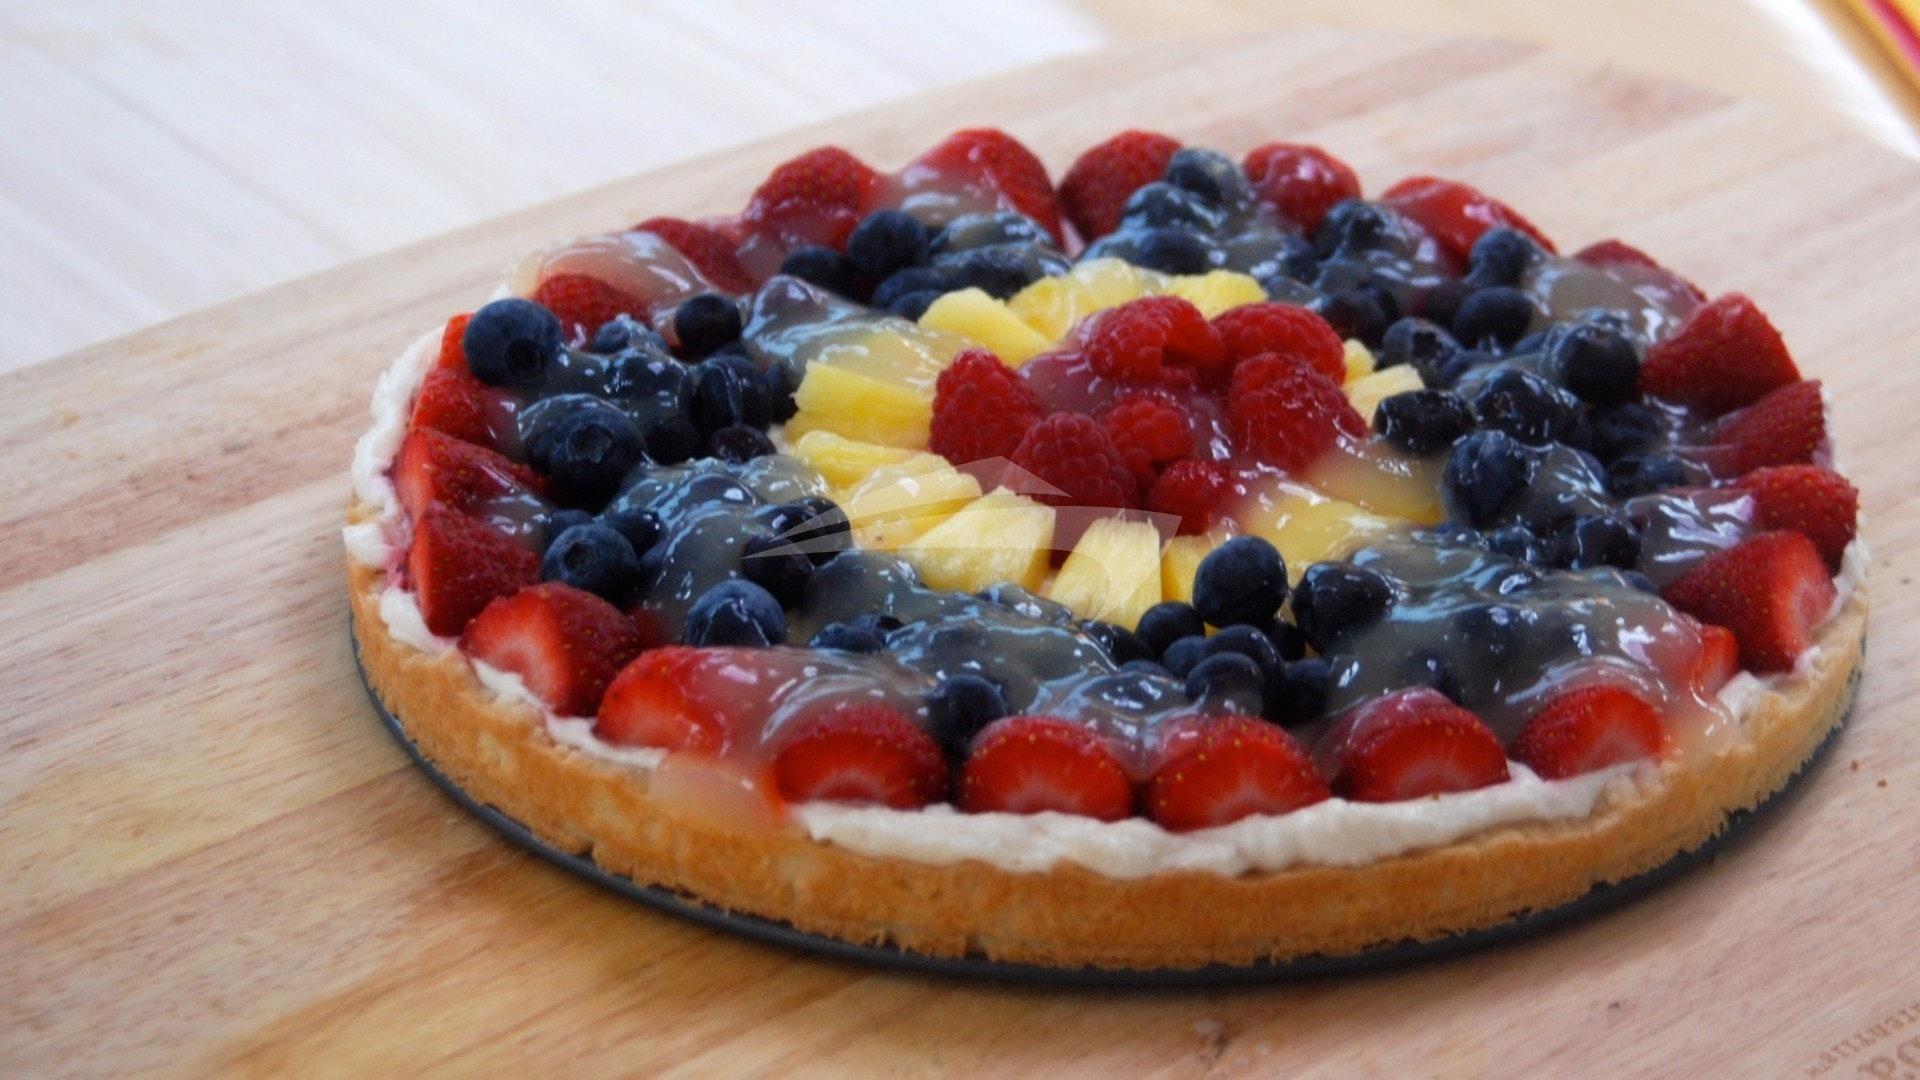 Fresh baked fruit tart